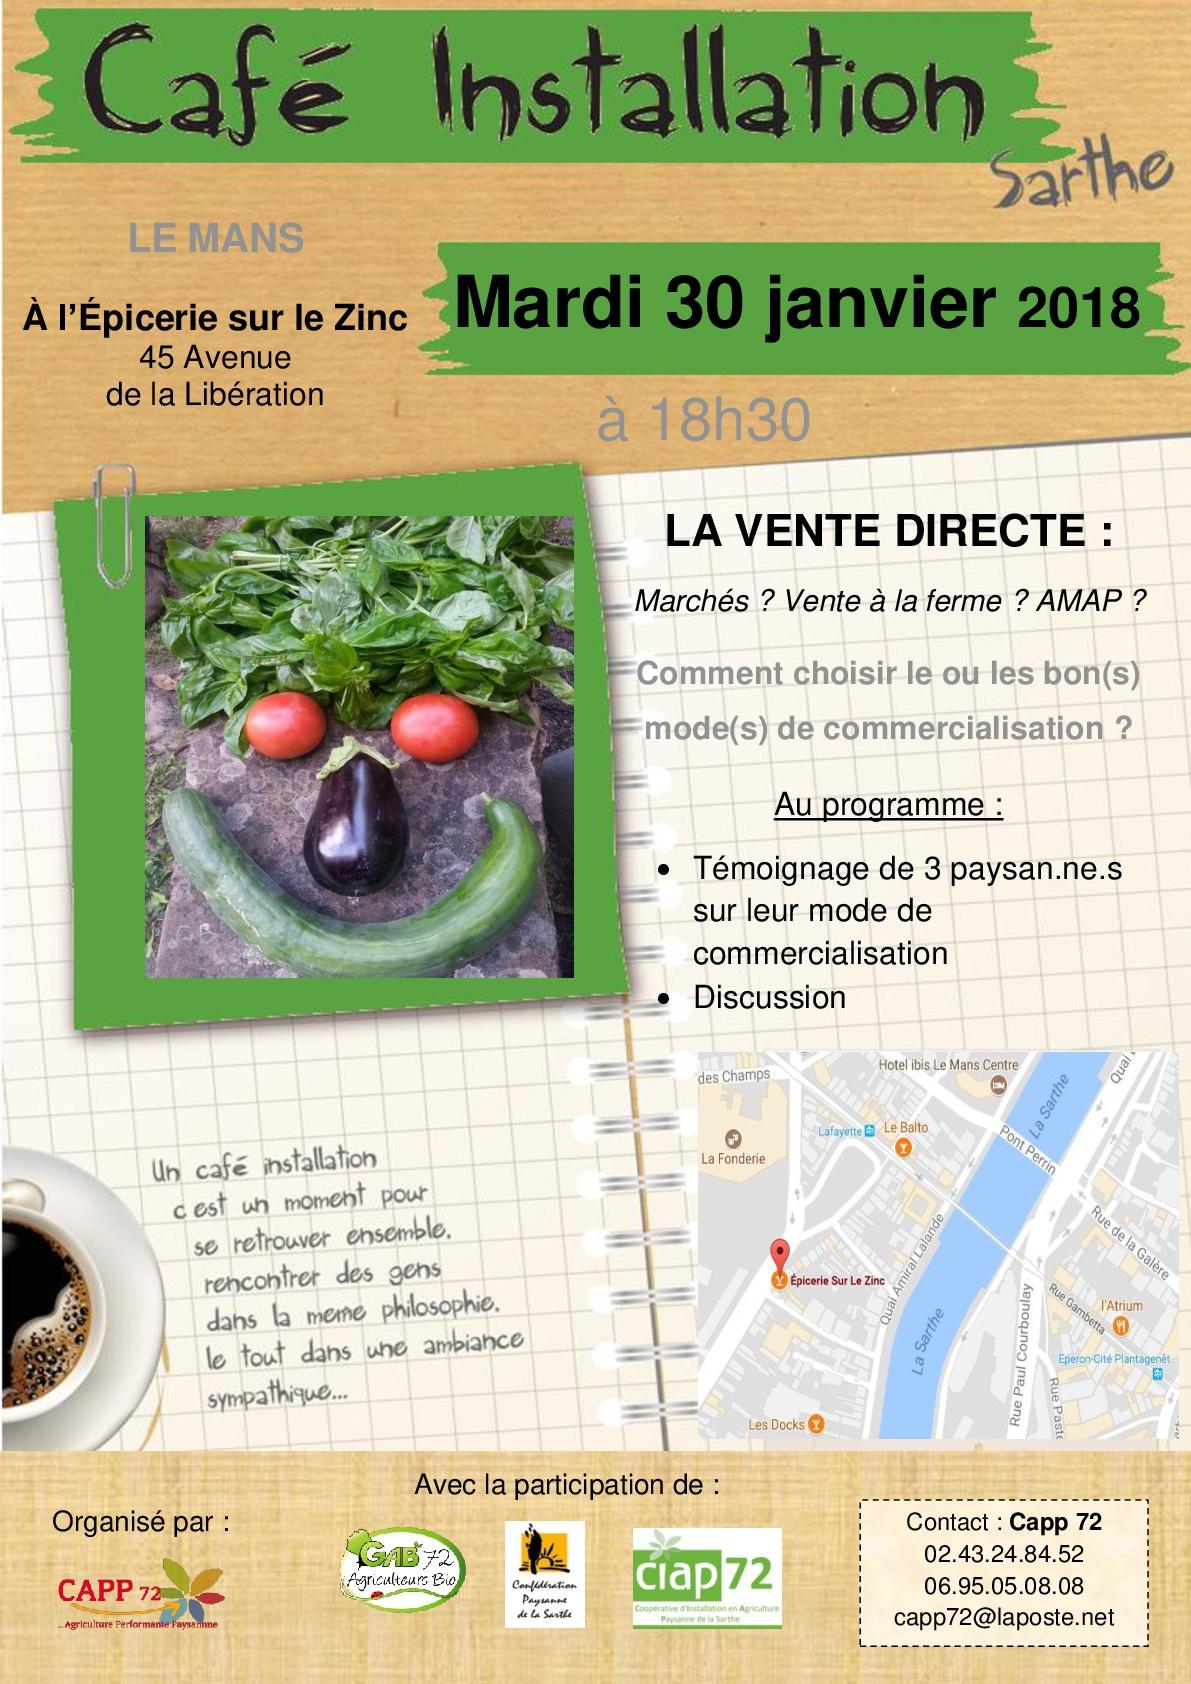 affiche_cafe_installation_vente_directe_epicerie_sur_le_zinc-001.jpg